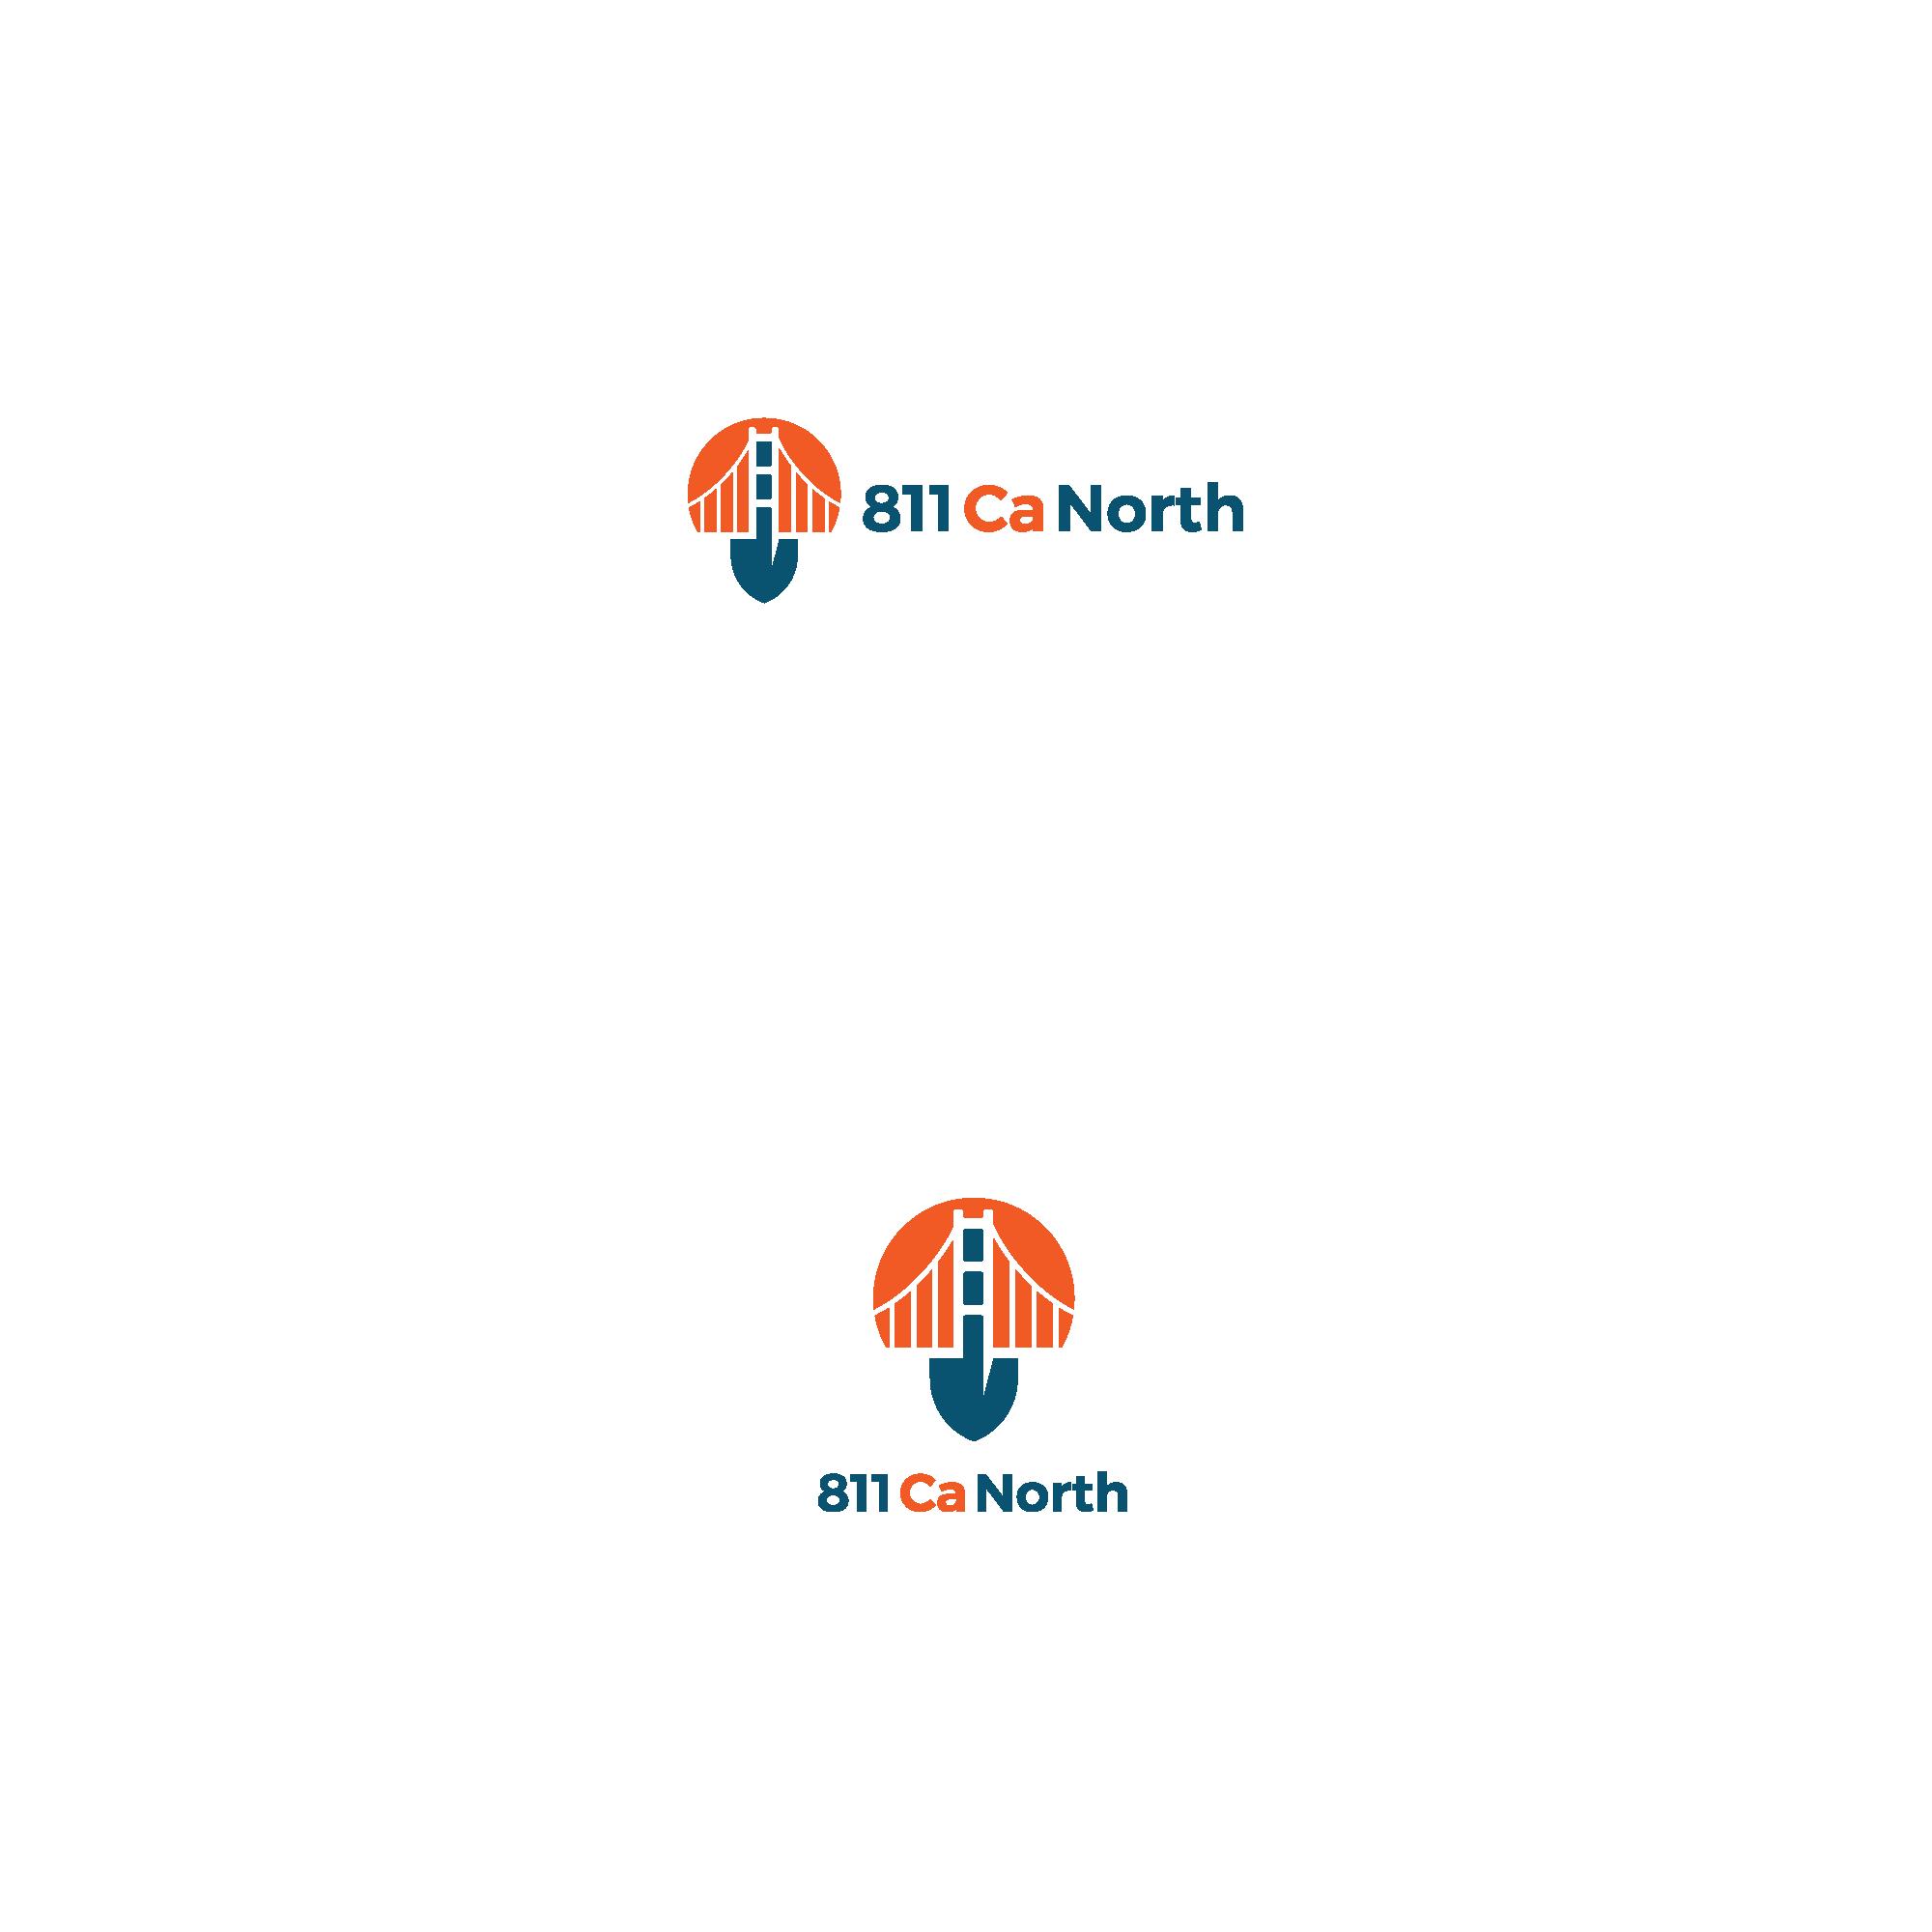 Help us design a kick ass California themed logo!!!